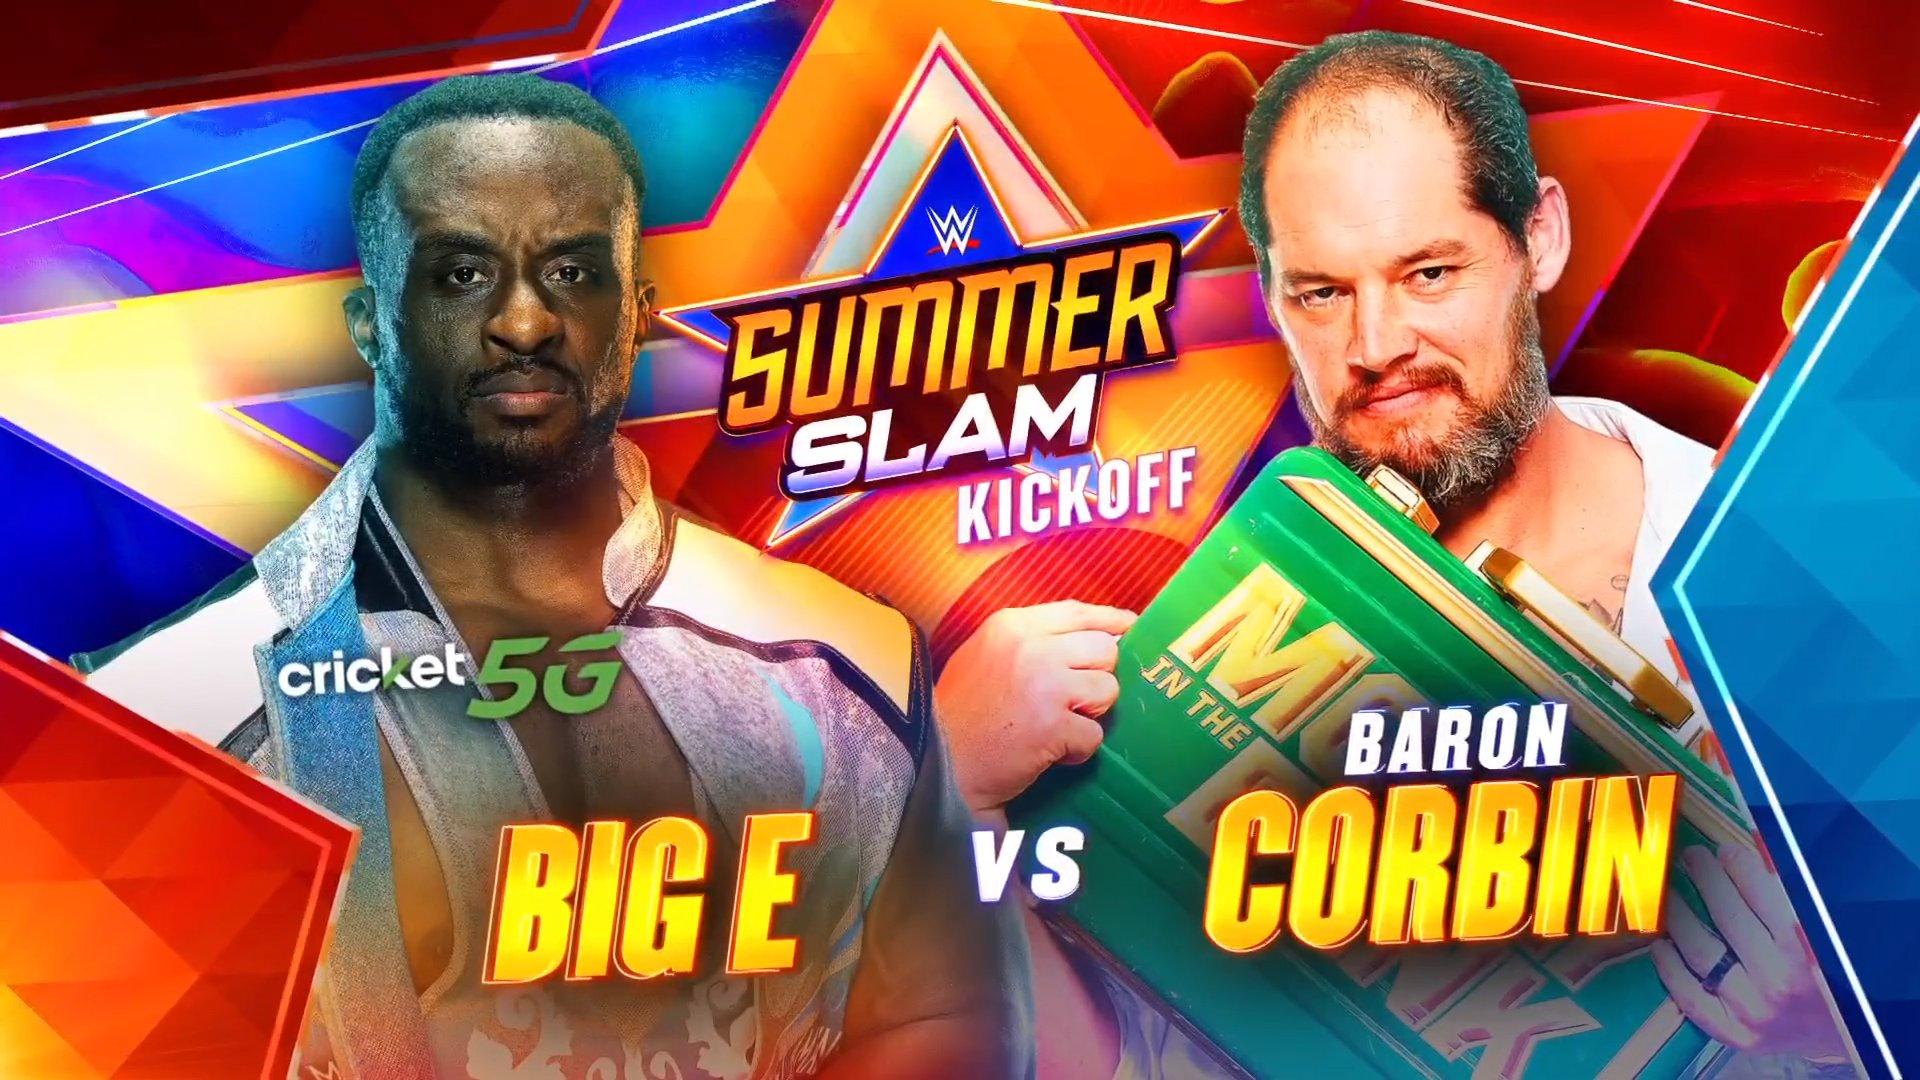 Big E beats Baron Corbin in the 2021 SummerSlam Kickoff | Superfights